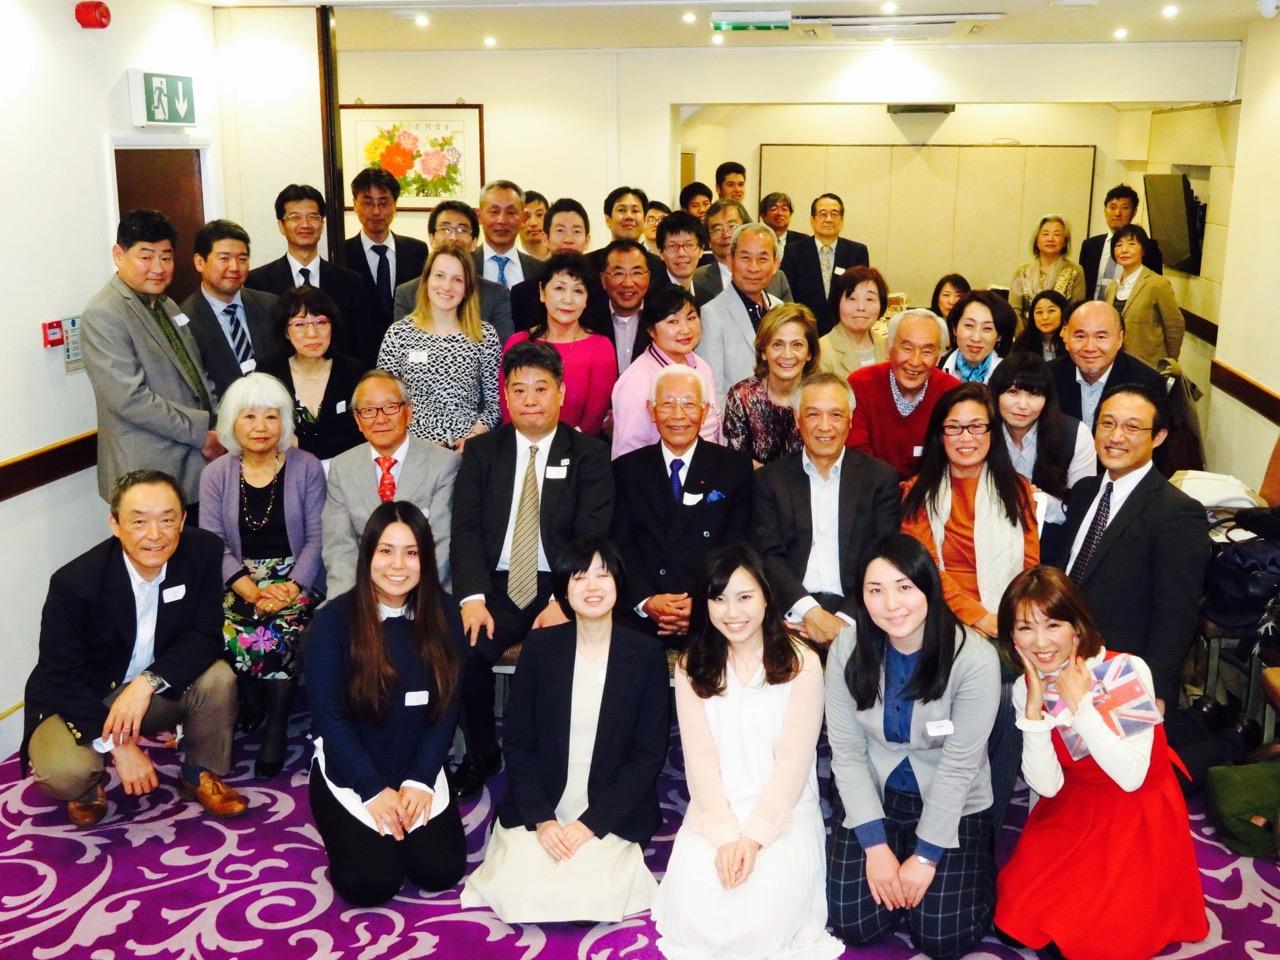 第4回都道府県人会懇親会開催